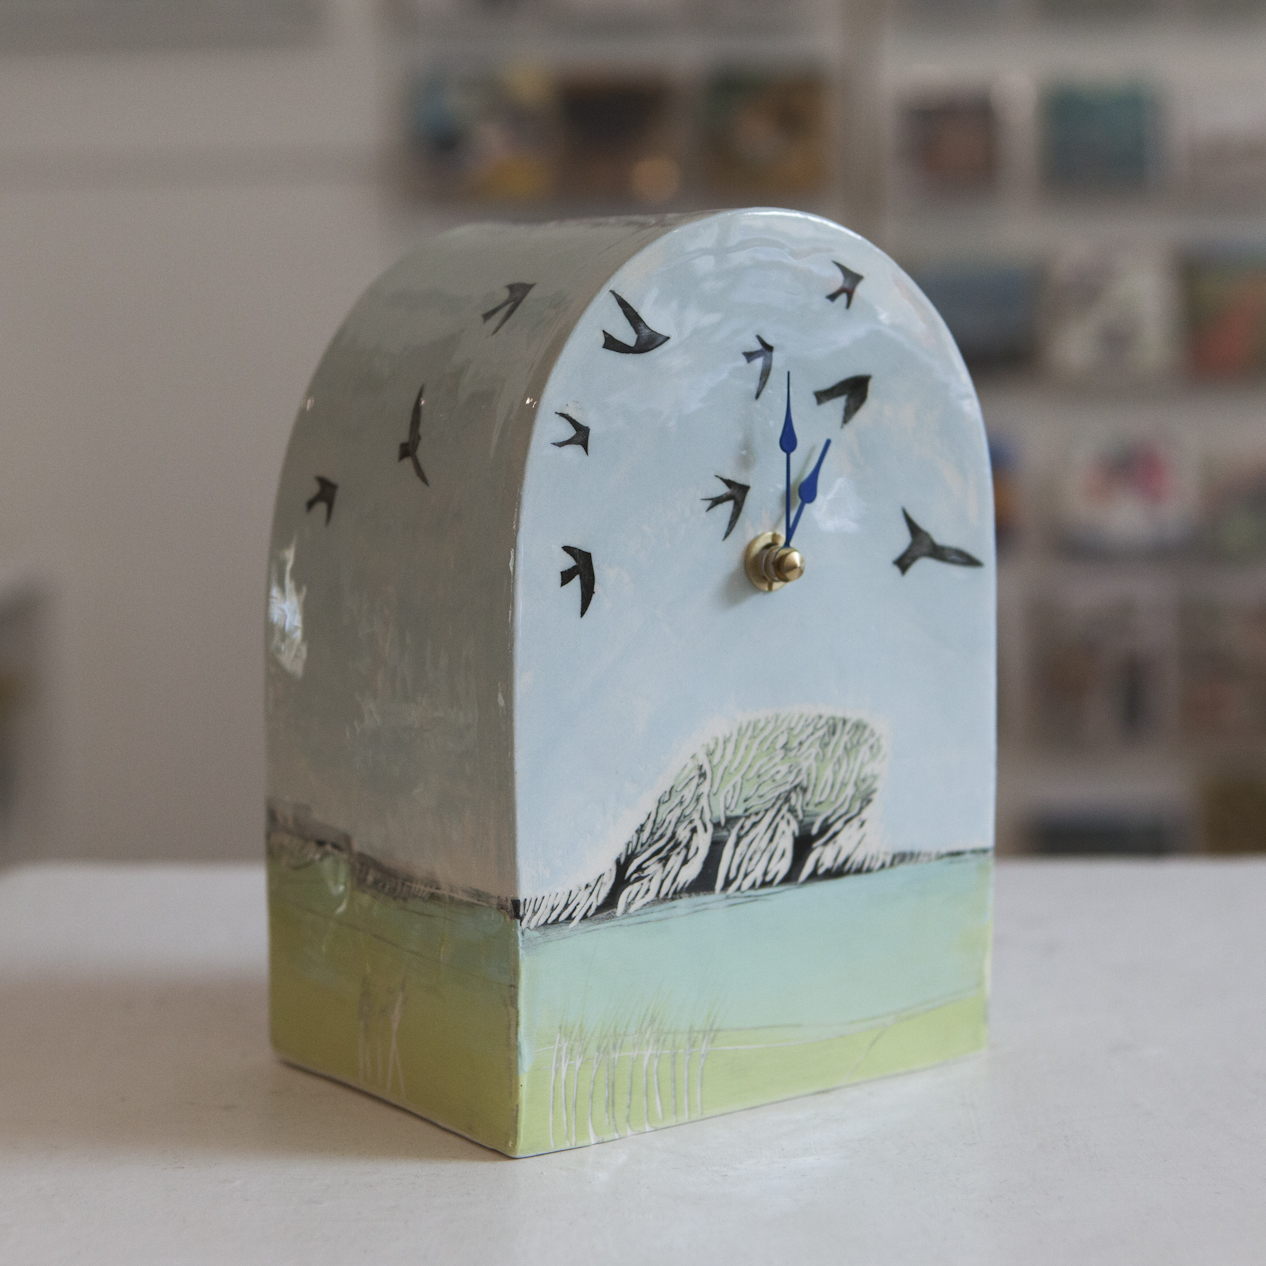 Clock 7  ceramic  sold